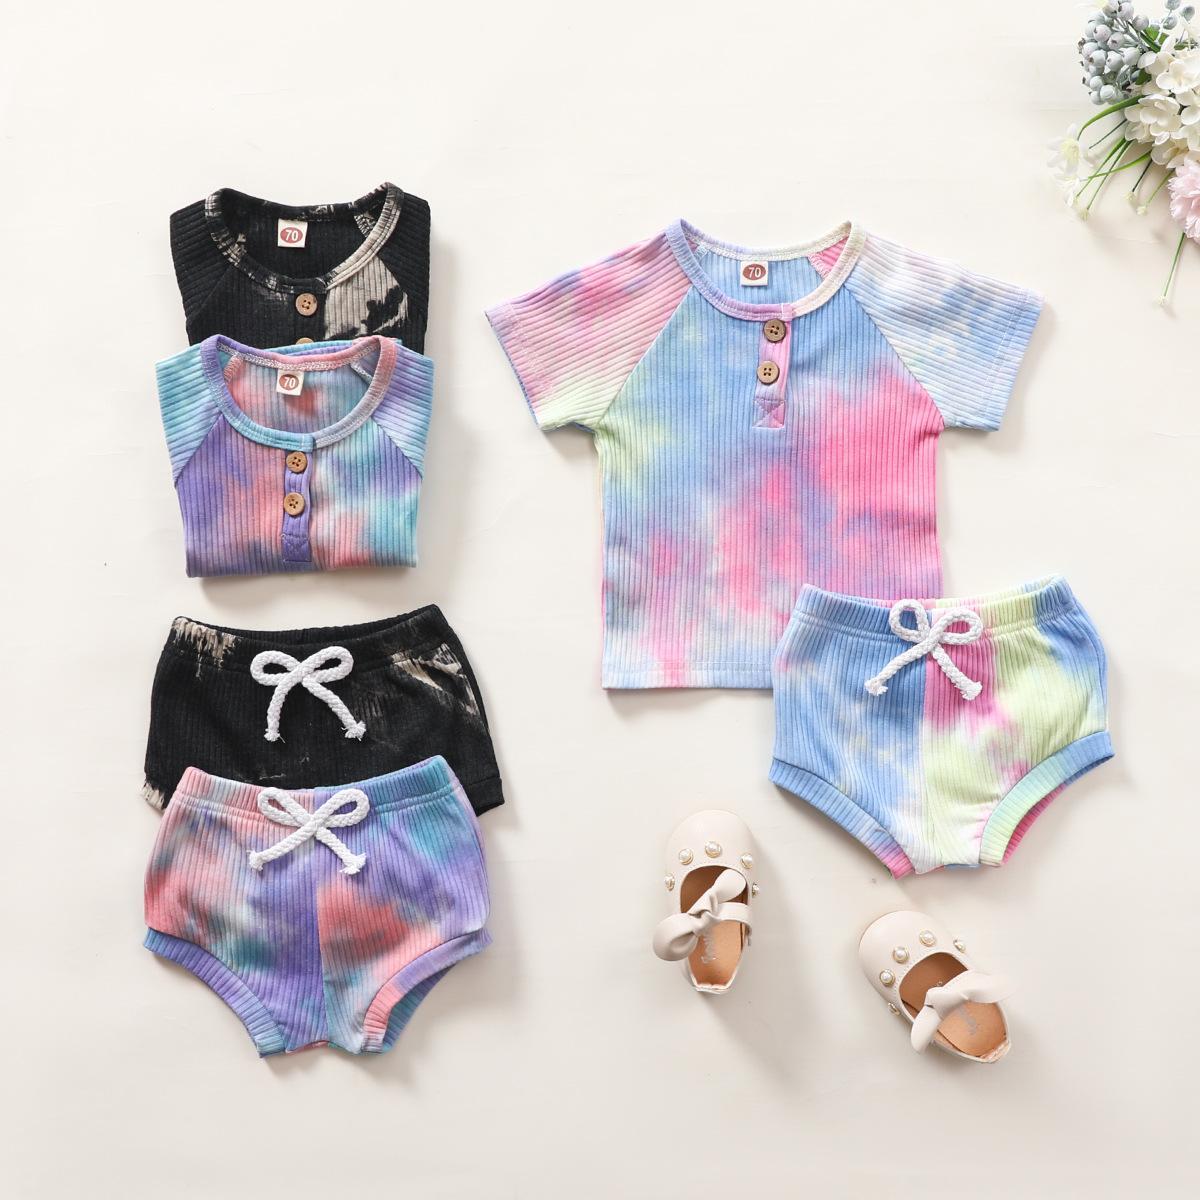 البيع بالتجزئة / الجملة الطفل الزي حديثي الولادة 2 قطع تتسابق مجموعة التعادل مصبوغ القطن الزى + pp السراويل رياضية الأطفال مصممين ملابس الاطفال بوتيك الملابس مجموعات